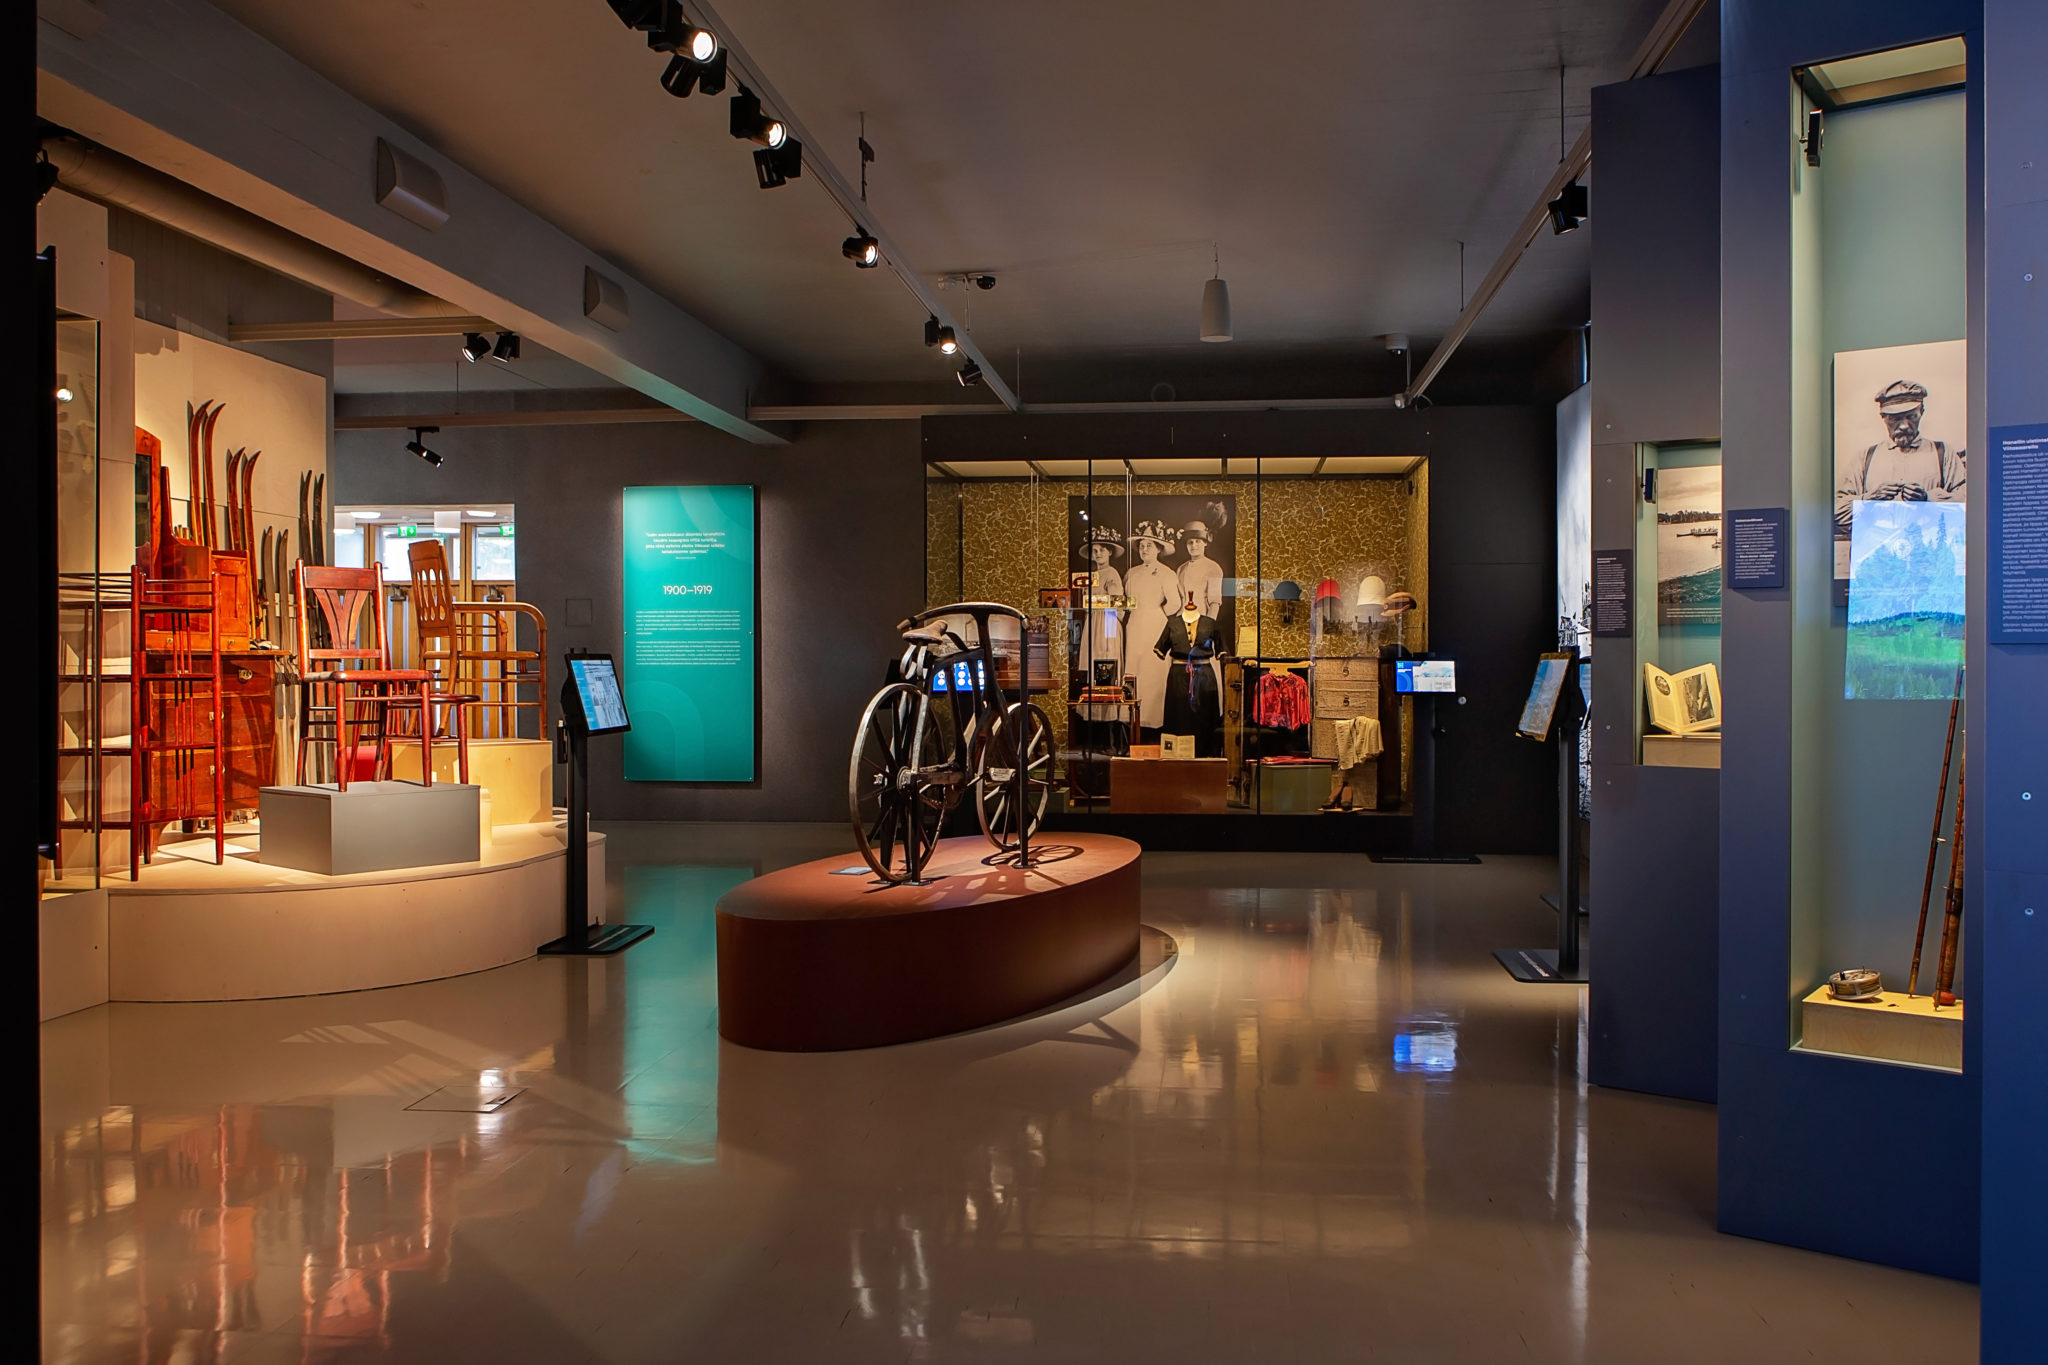 sonance-kaiuttimet-keski-suomen-museossa